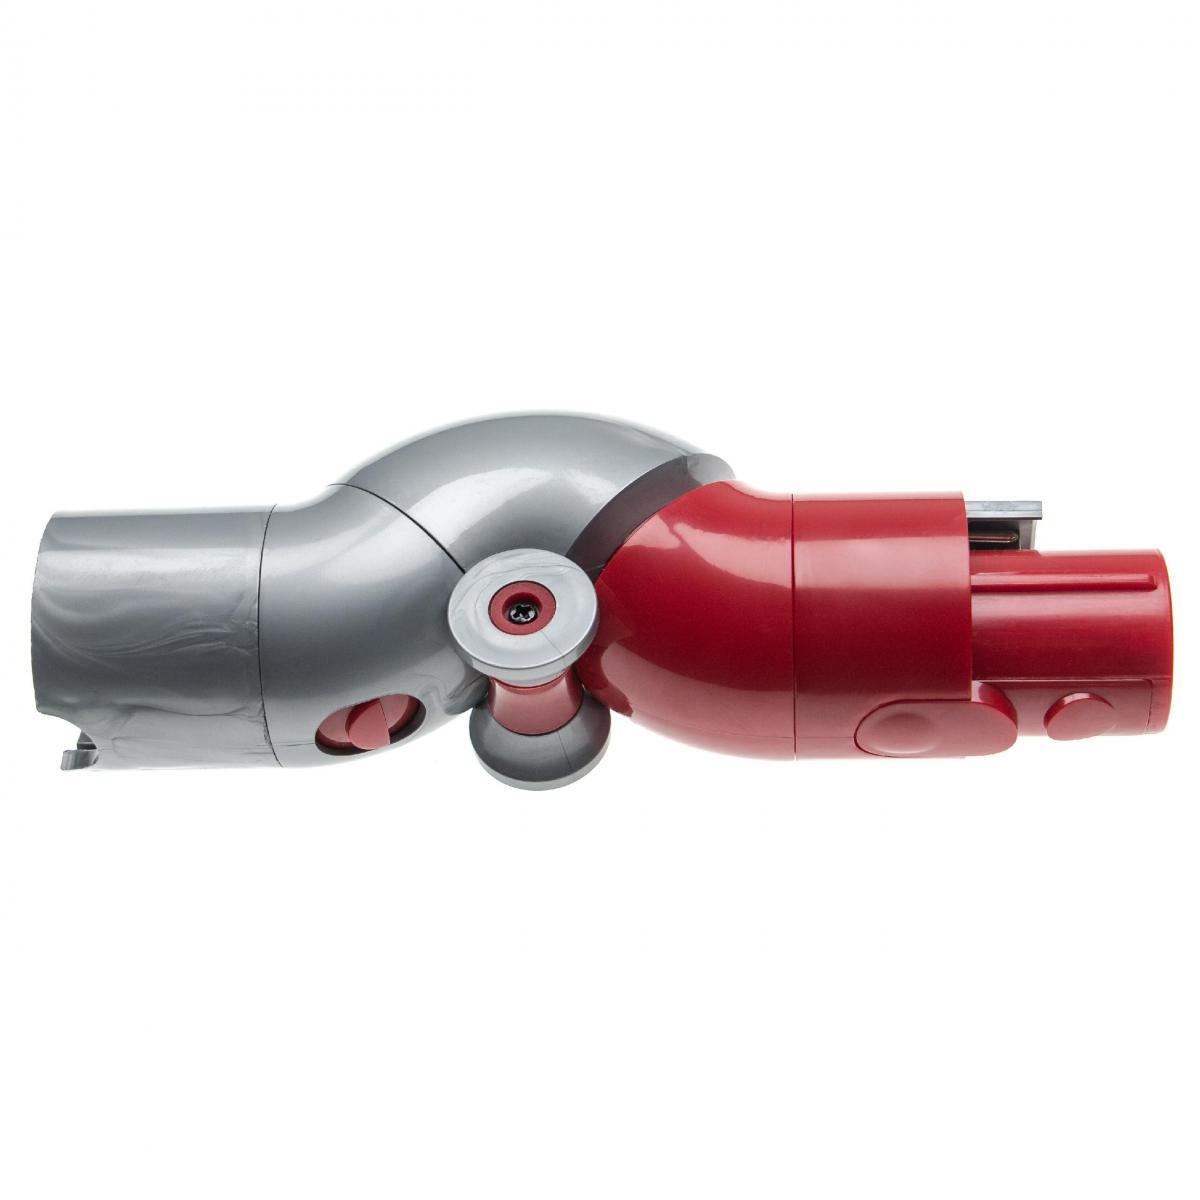 Vhbw vhbw Adaptateur compatible avec Dyson V8 Total Clean aspirateur - gris / rouge